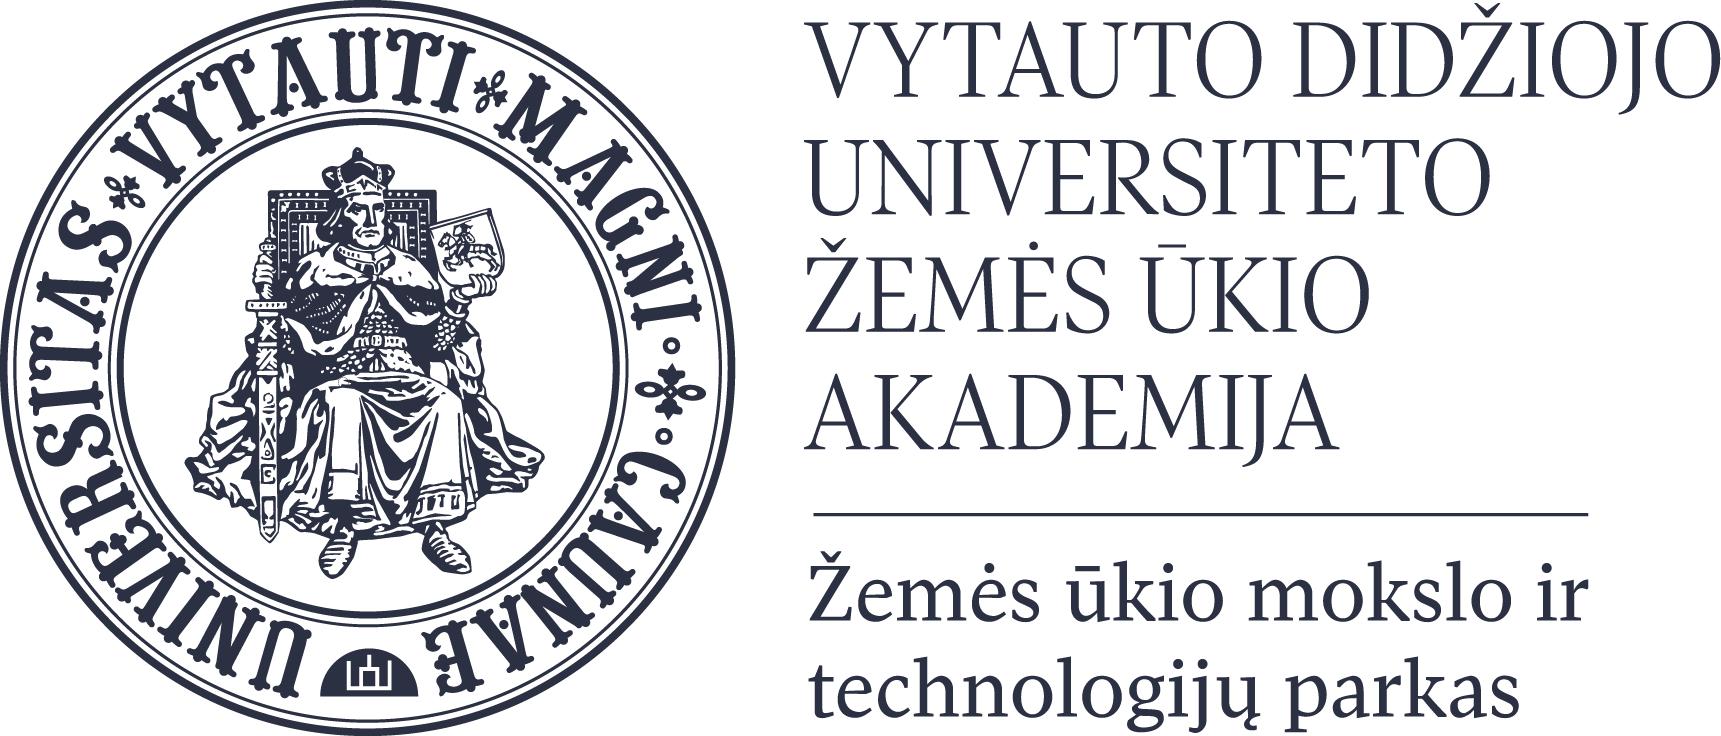 VDU_ŽŪ-mokslo-ir-technologijų-parkas_pilkas1